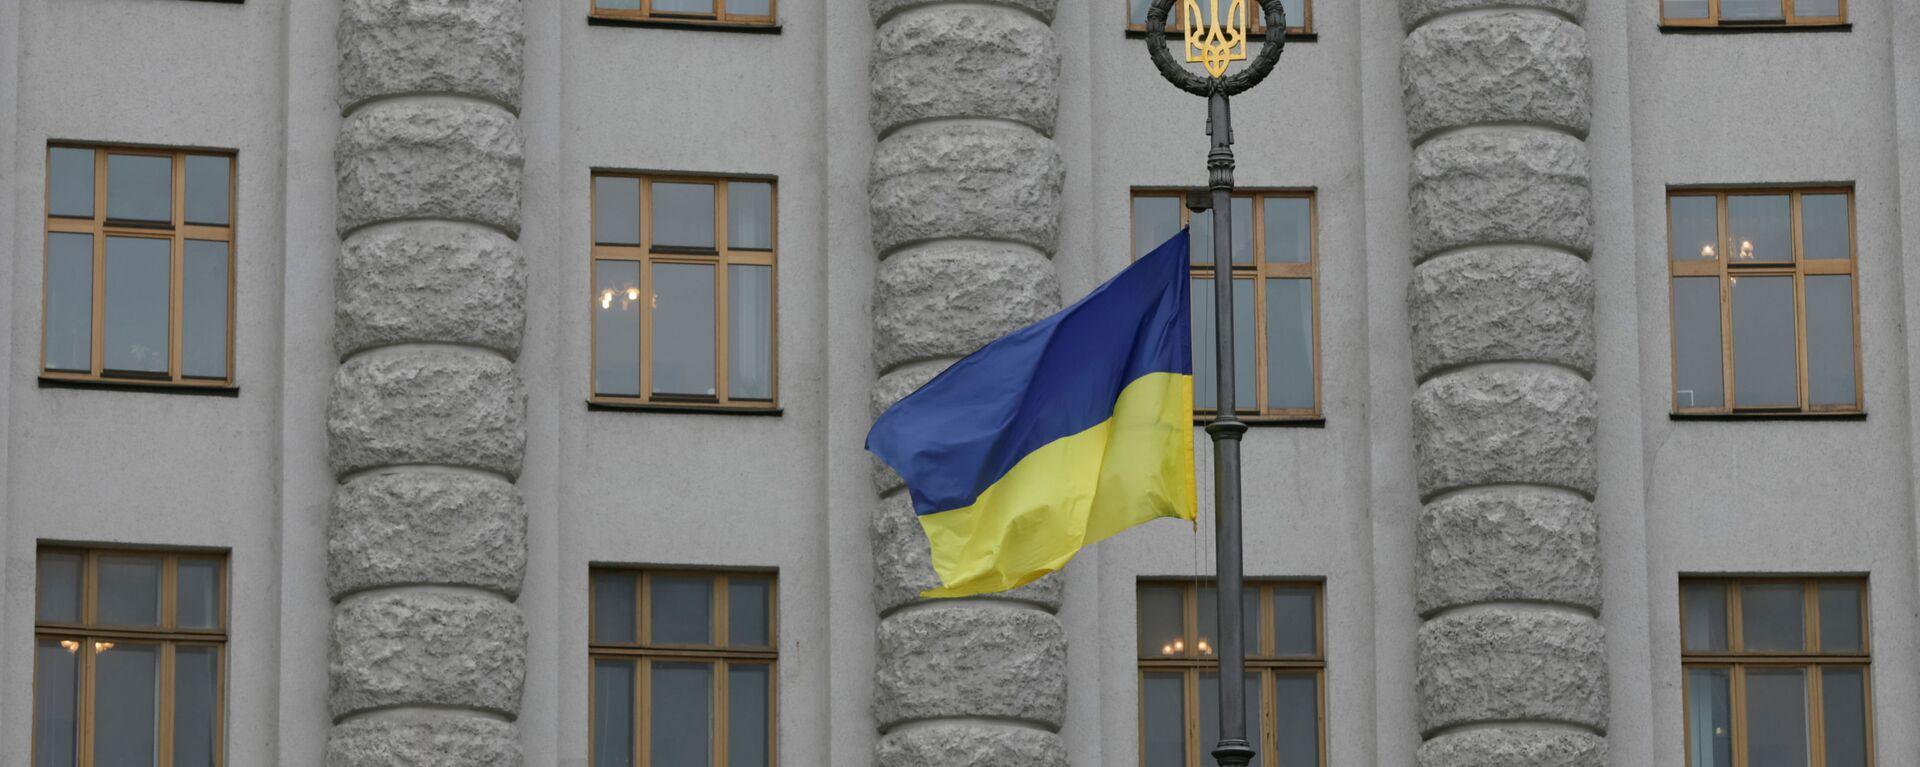 Le drapeau ukrainien (photo d'archives) - Sputnik France, 1920, 08.06.2021